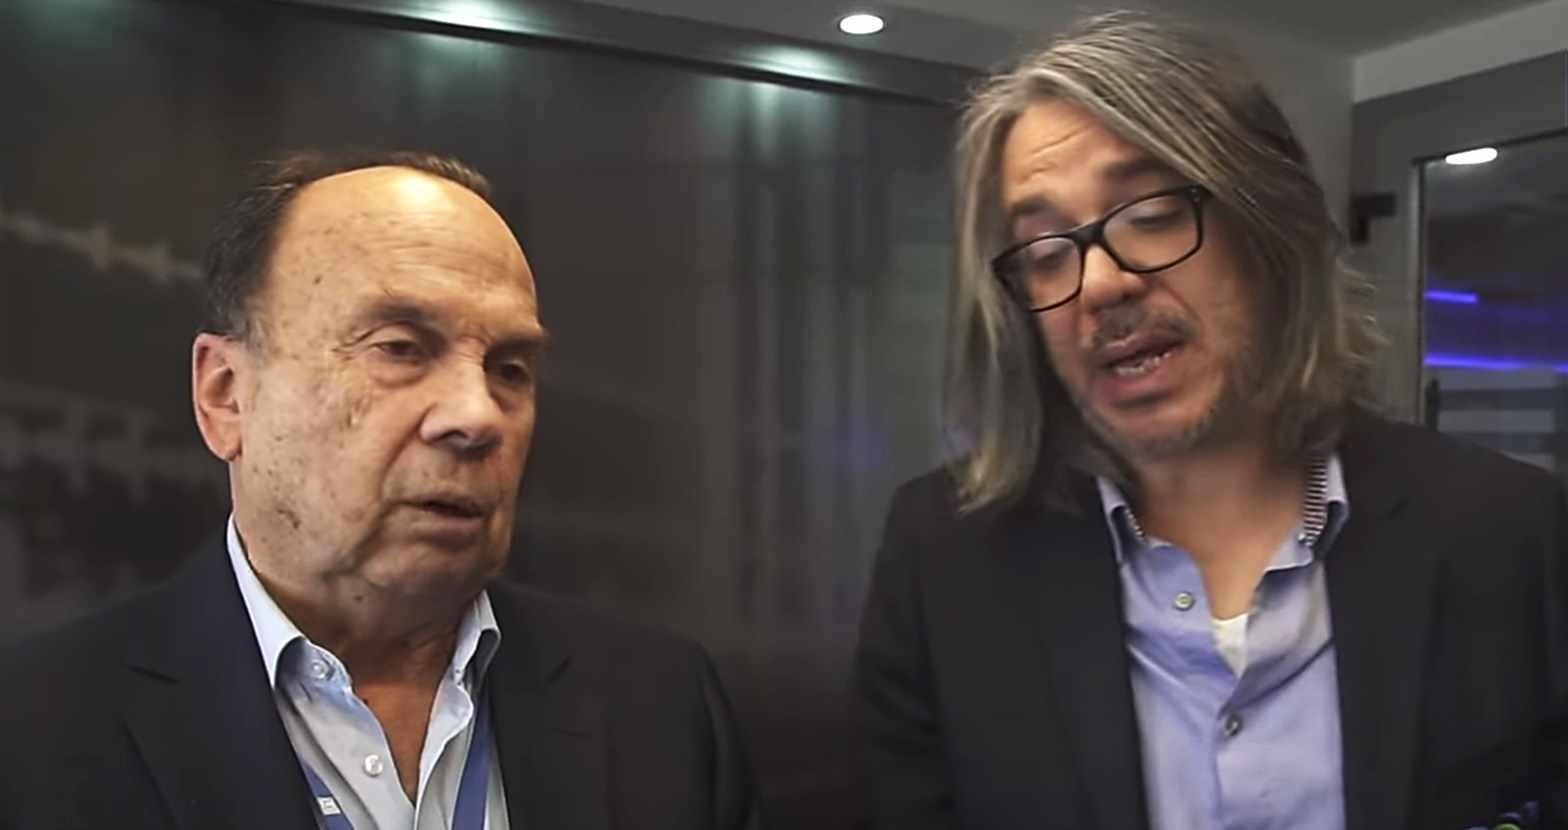 Peláez y De Francisco En La W, audio del 24 de mayo de 2021